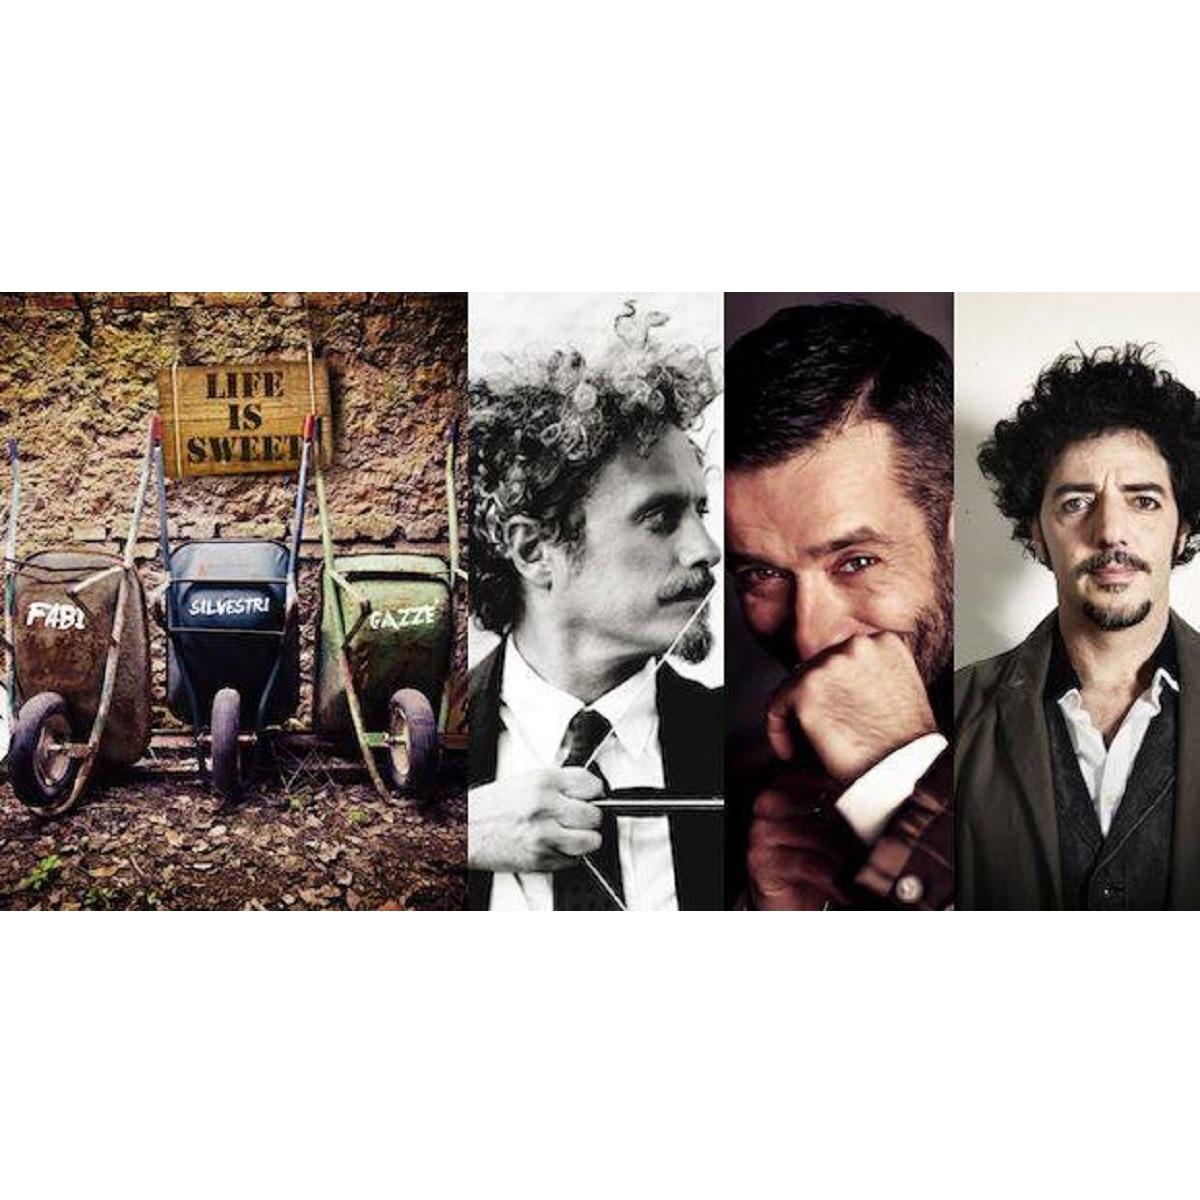 Come ci pare - Fabi Gazzè Silvestri tributo allo Stammtisch Tavern foto